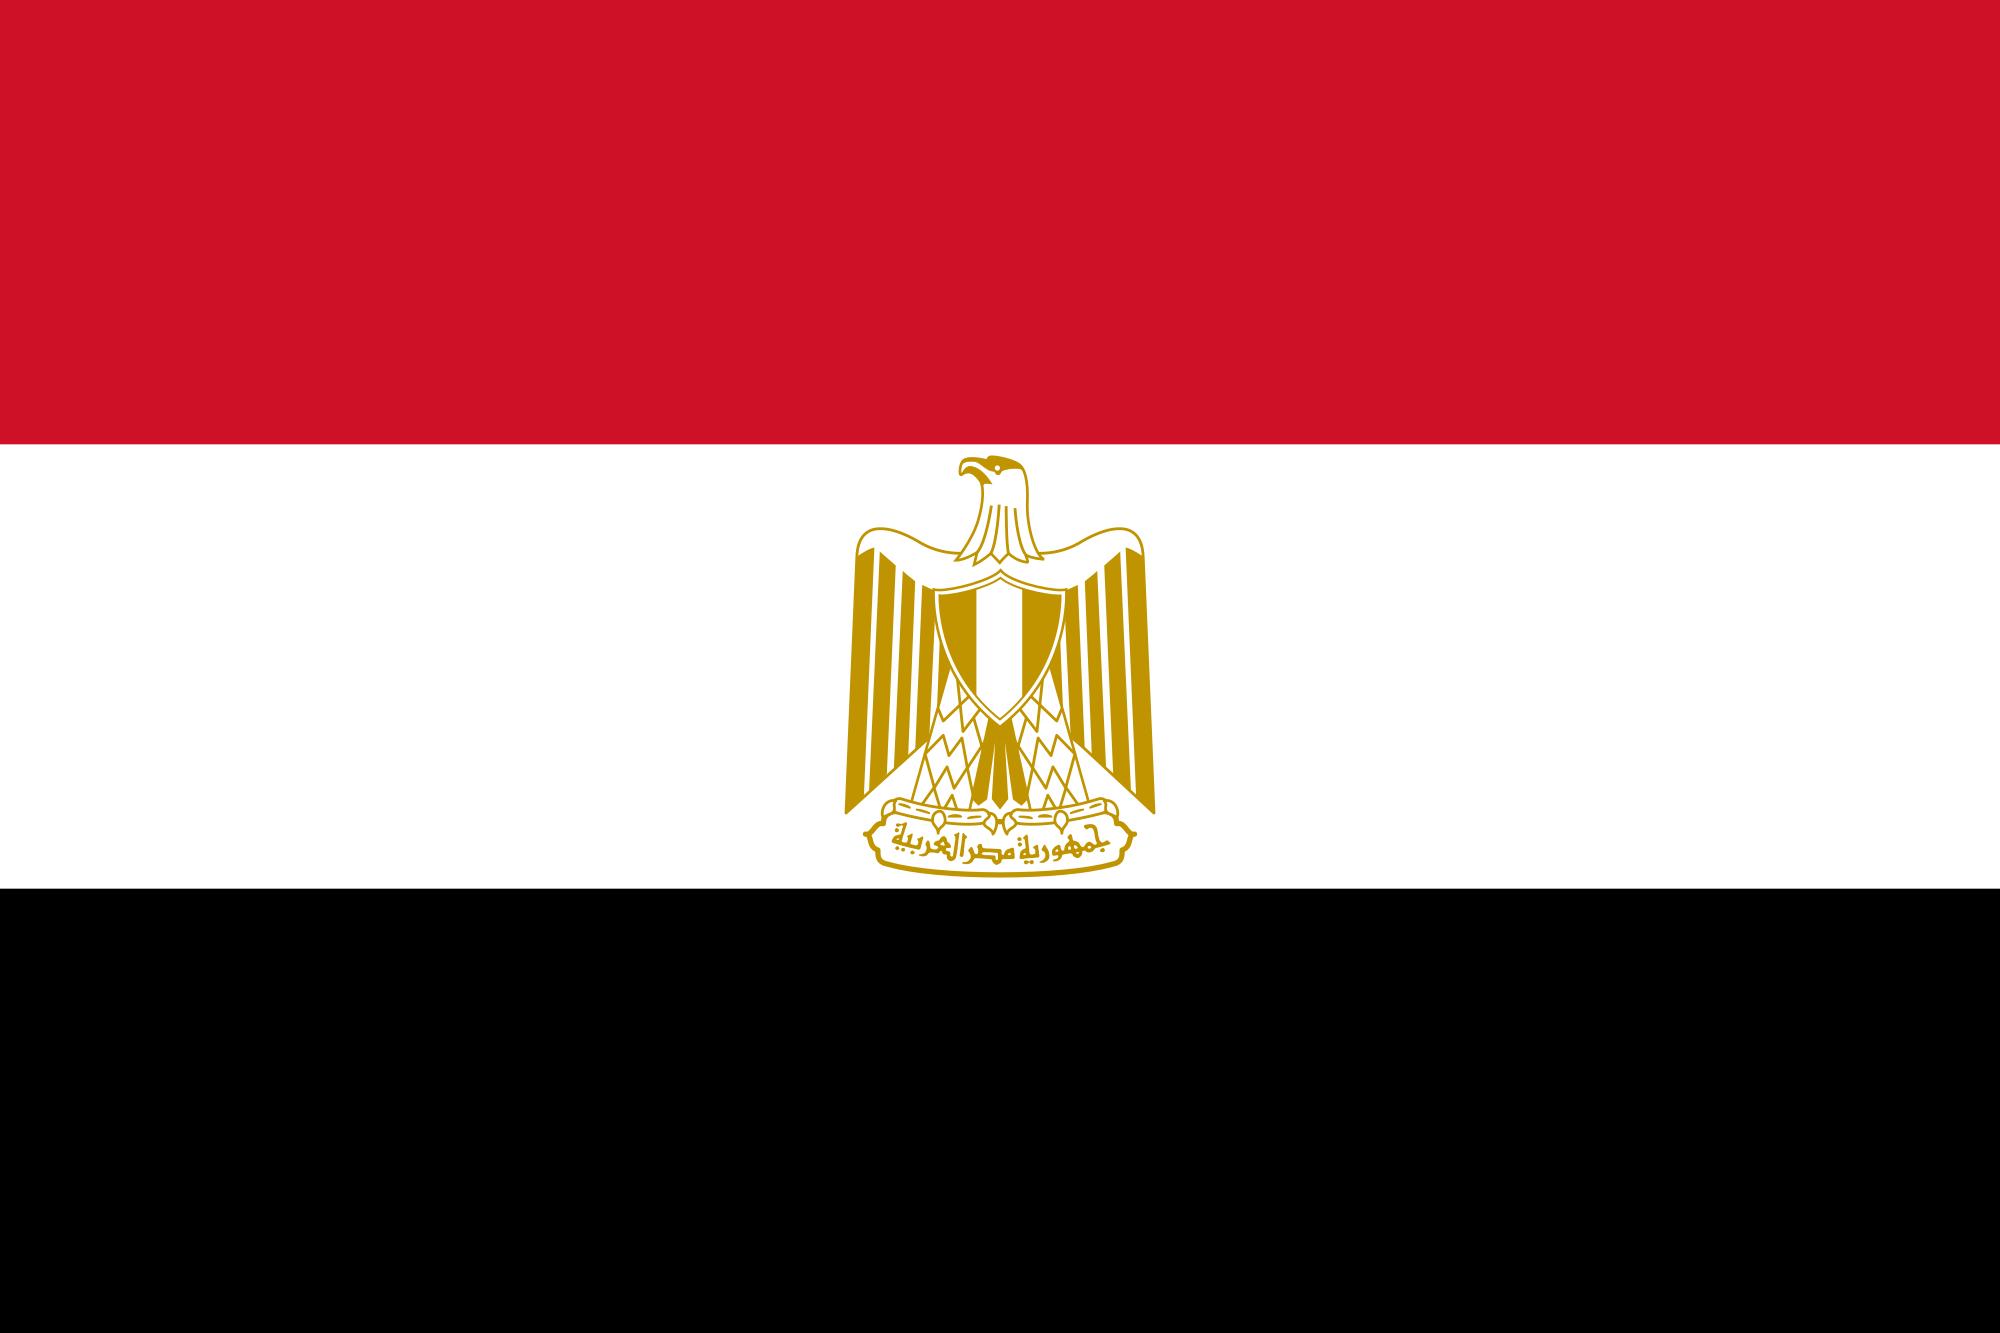 بالصور صور لعلم مصر , تصاميم جميله لعلم مصر 1743